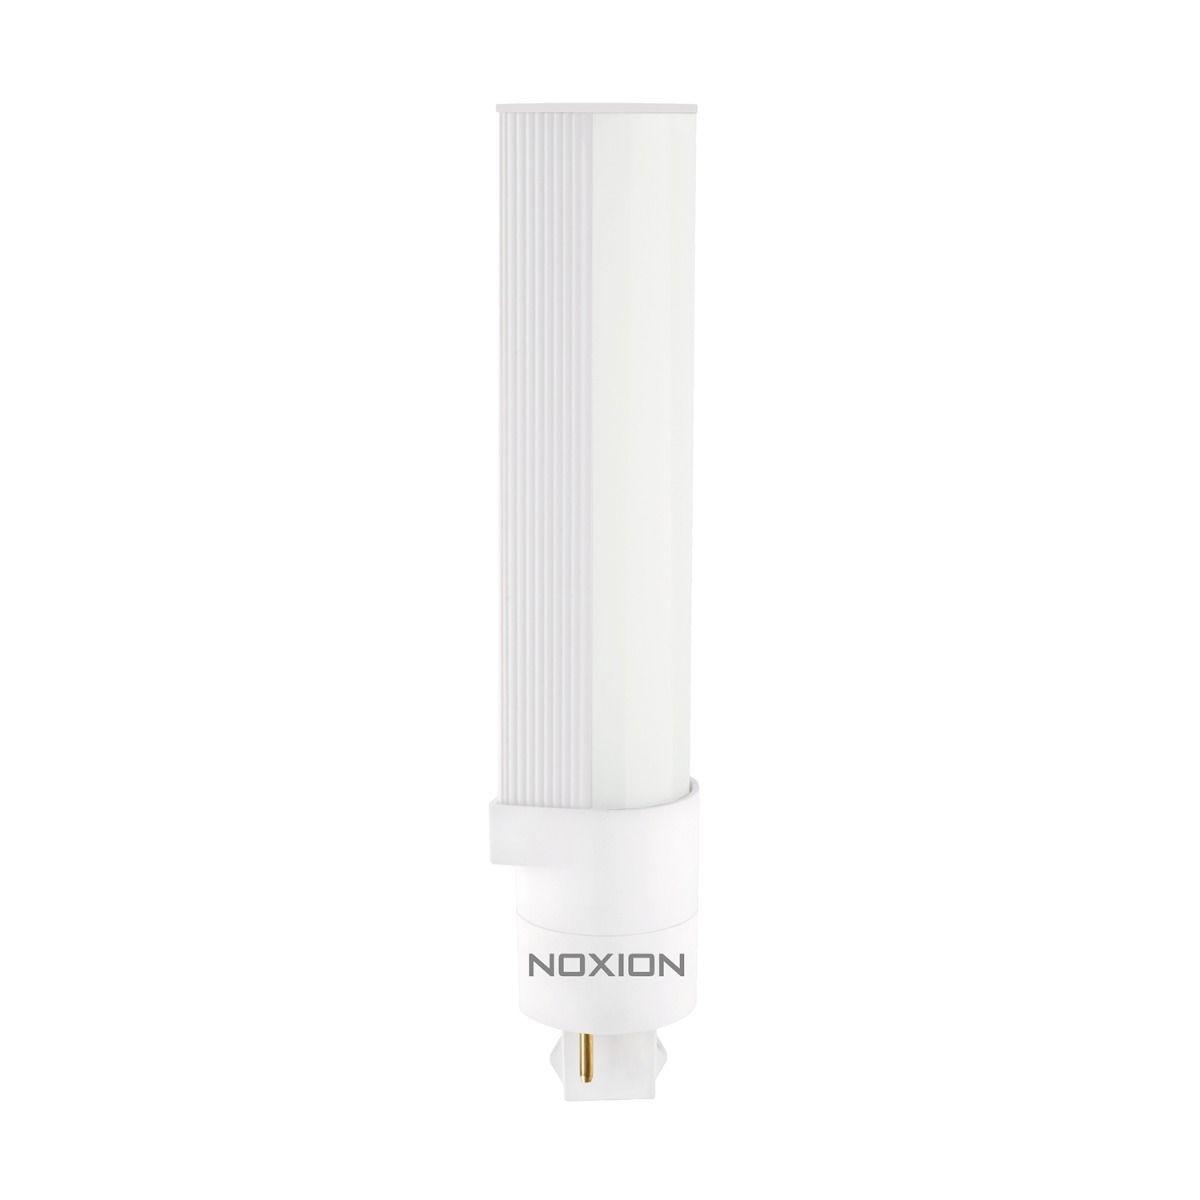 Noxion Lucent LED PL-C EM 6.5W 830 | 2-Pin - Replaces 18W